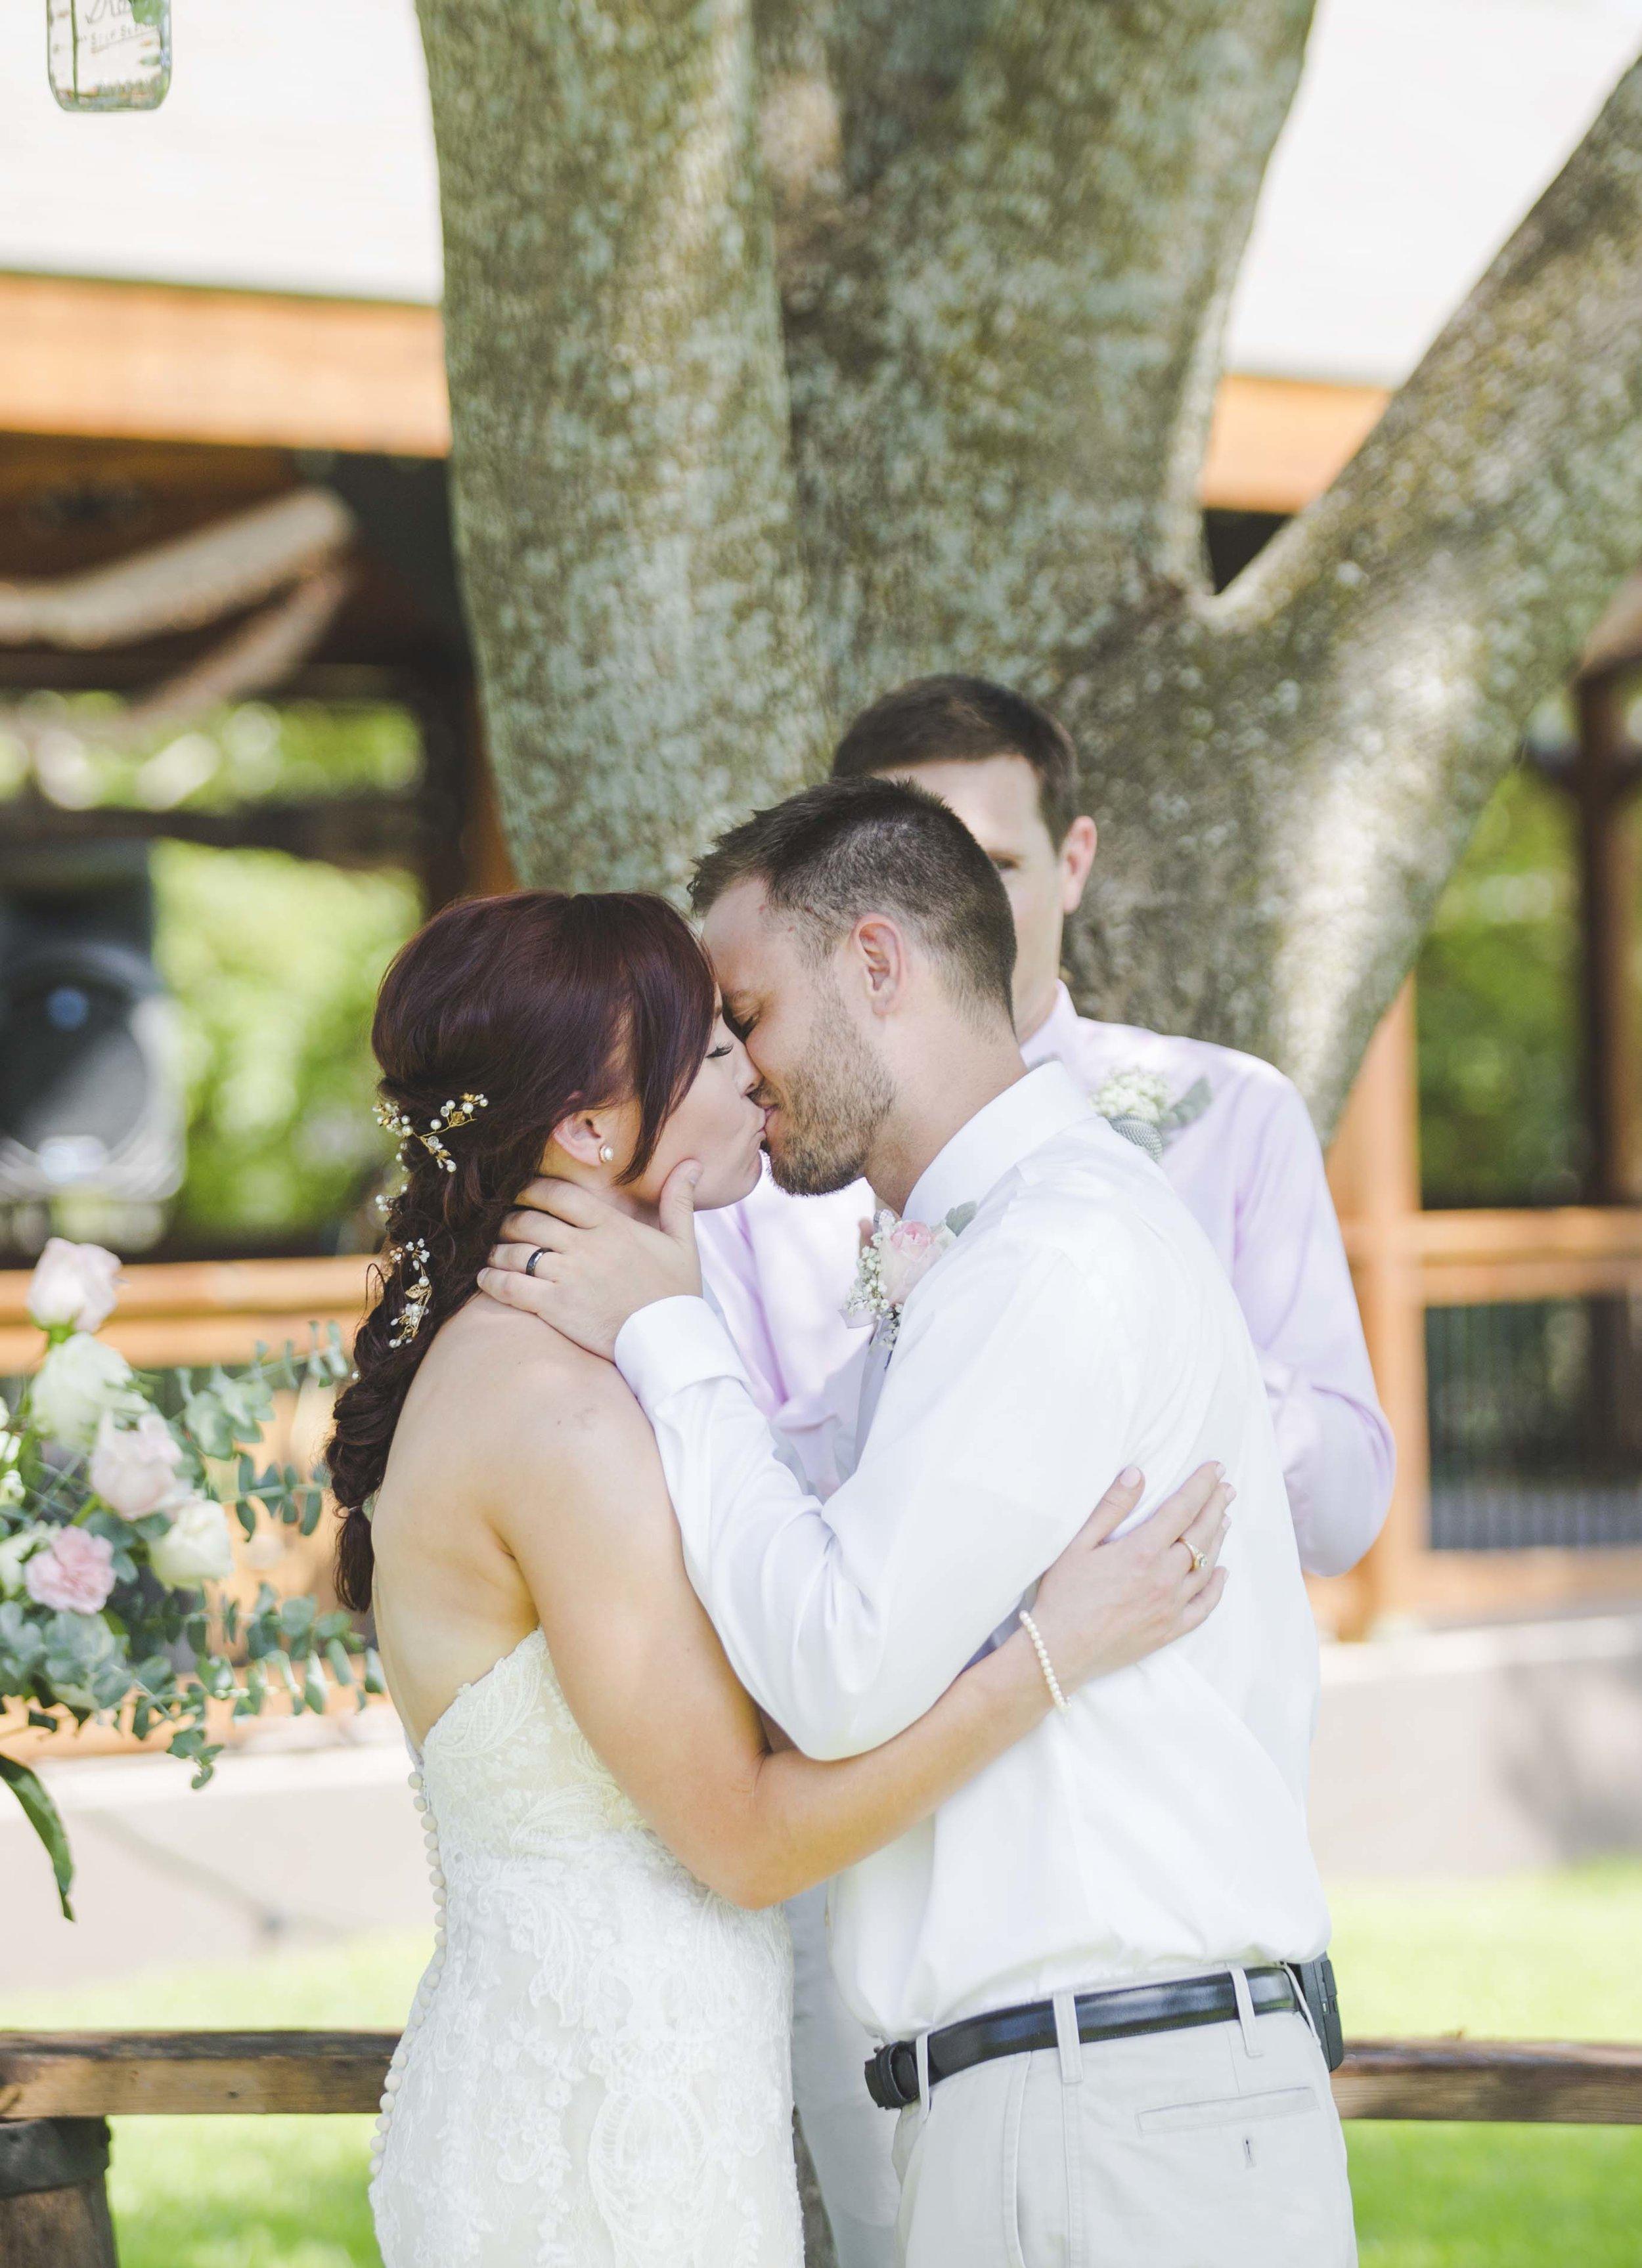 ATGI_Susanna & Matt Wedding_717A7861.jpg